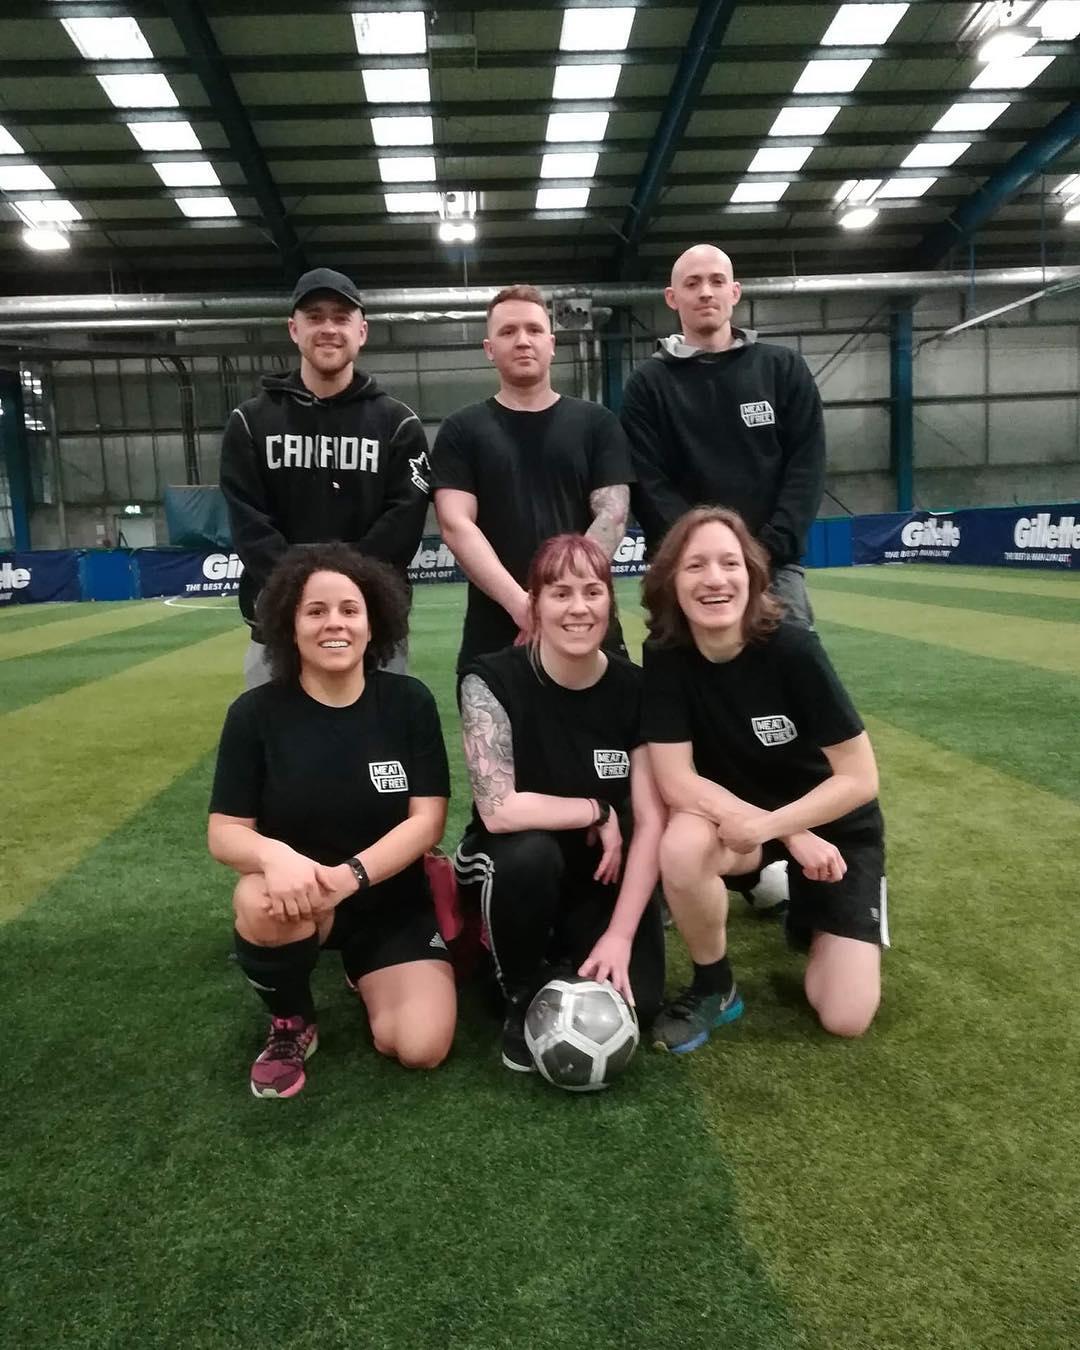 Salford Girls Club FC